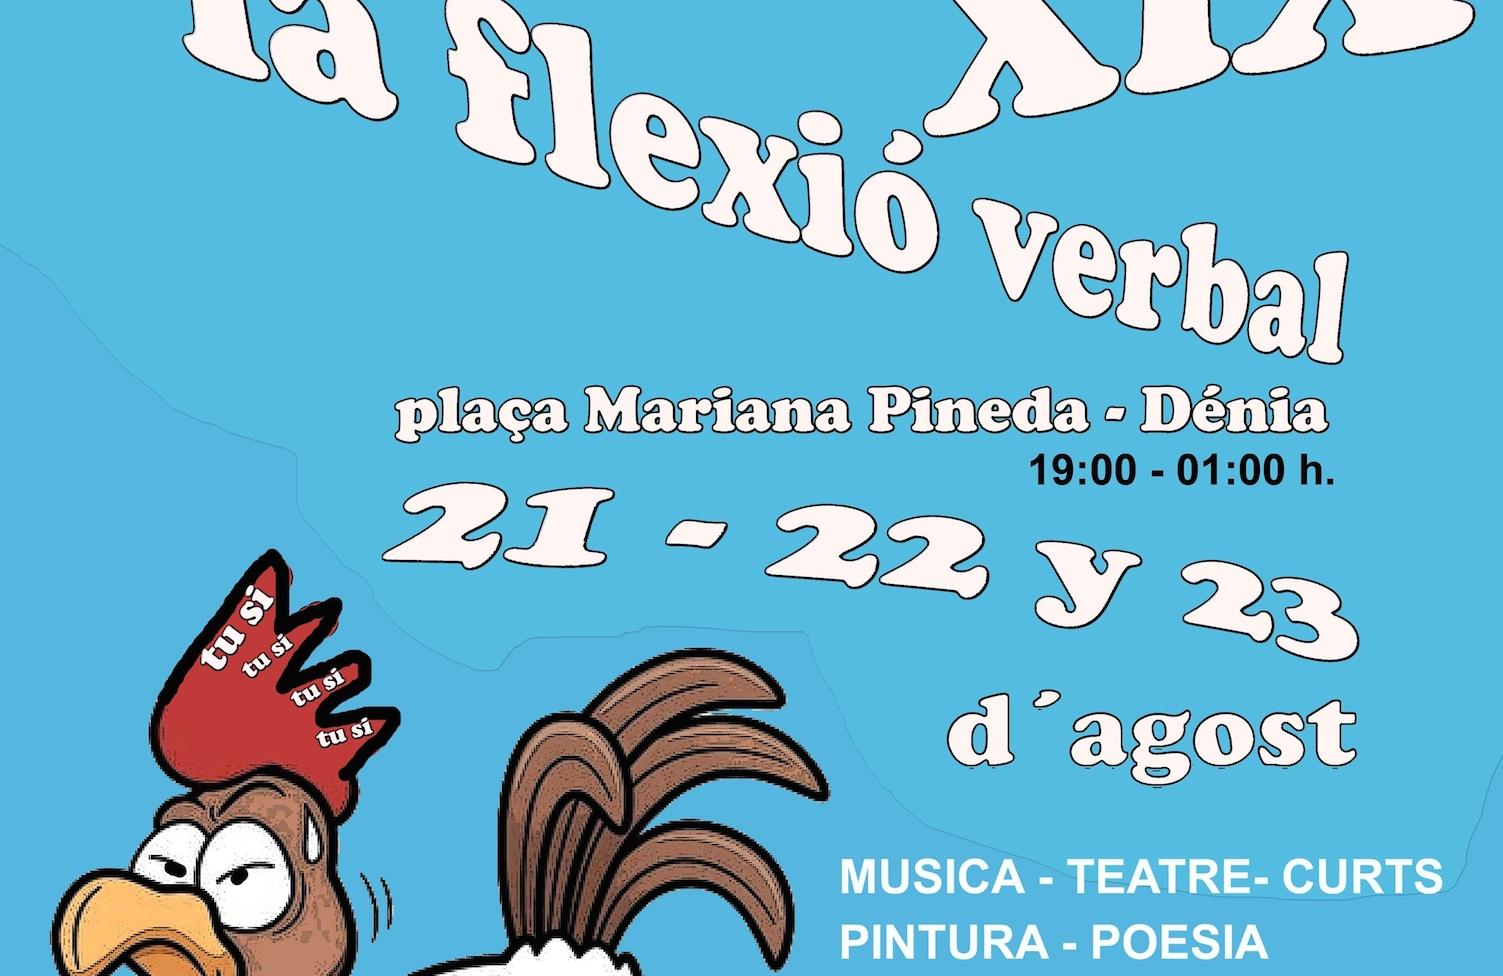 La Flexió Verbal 2014 ya perfila su cartel de teatro, magia, música, poesía y cine